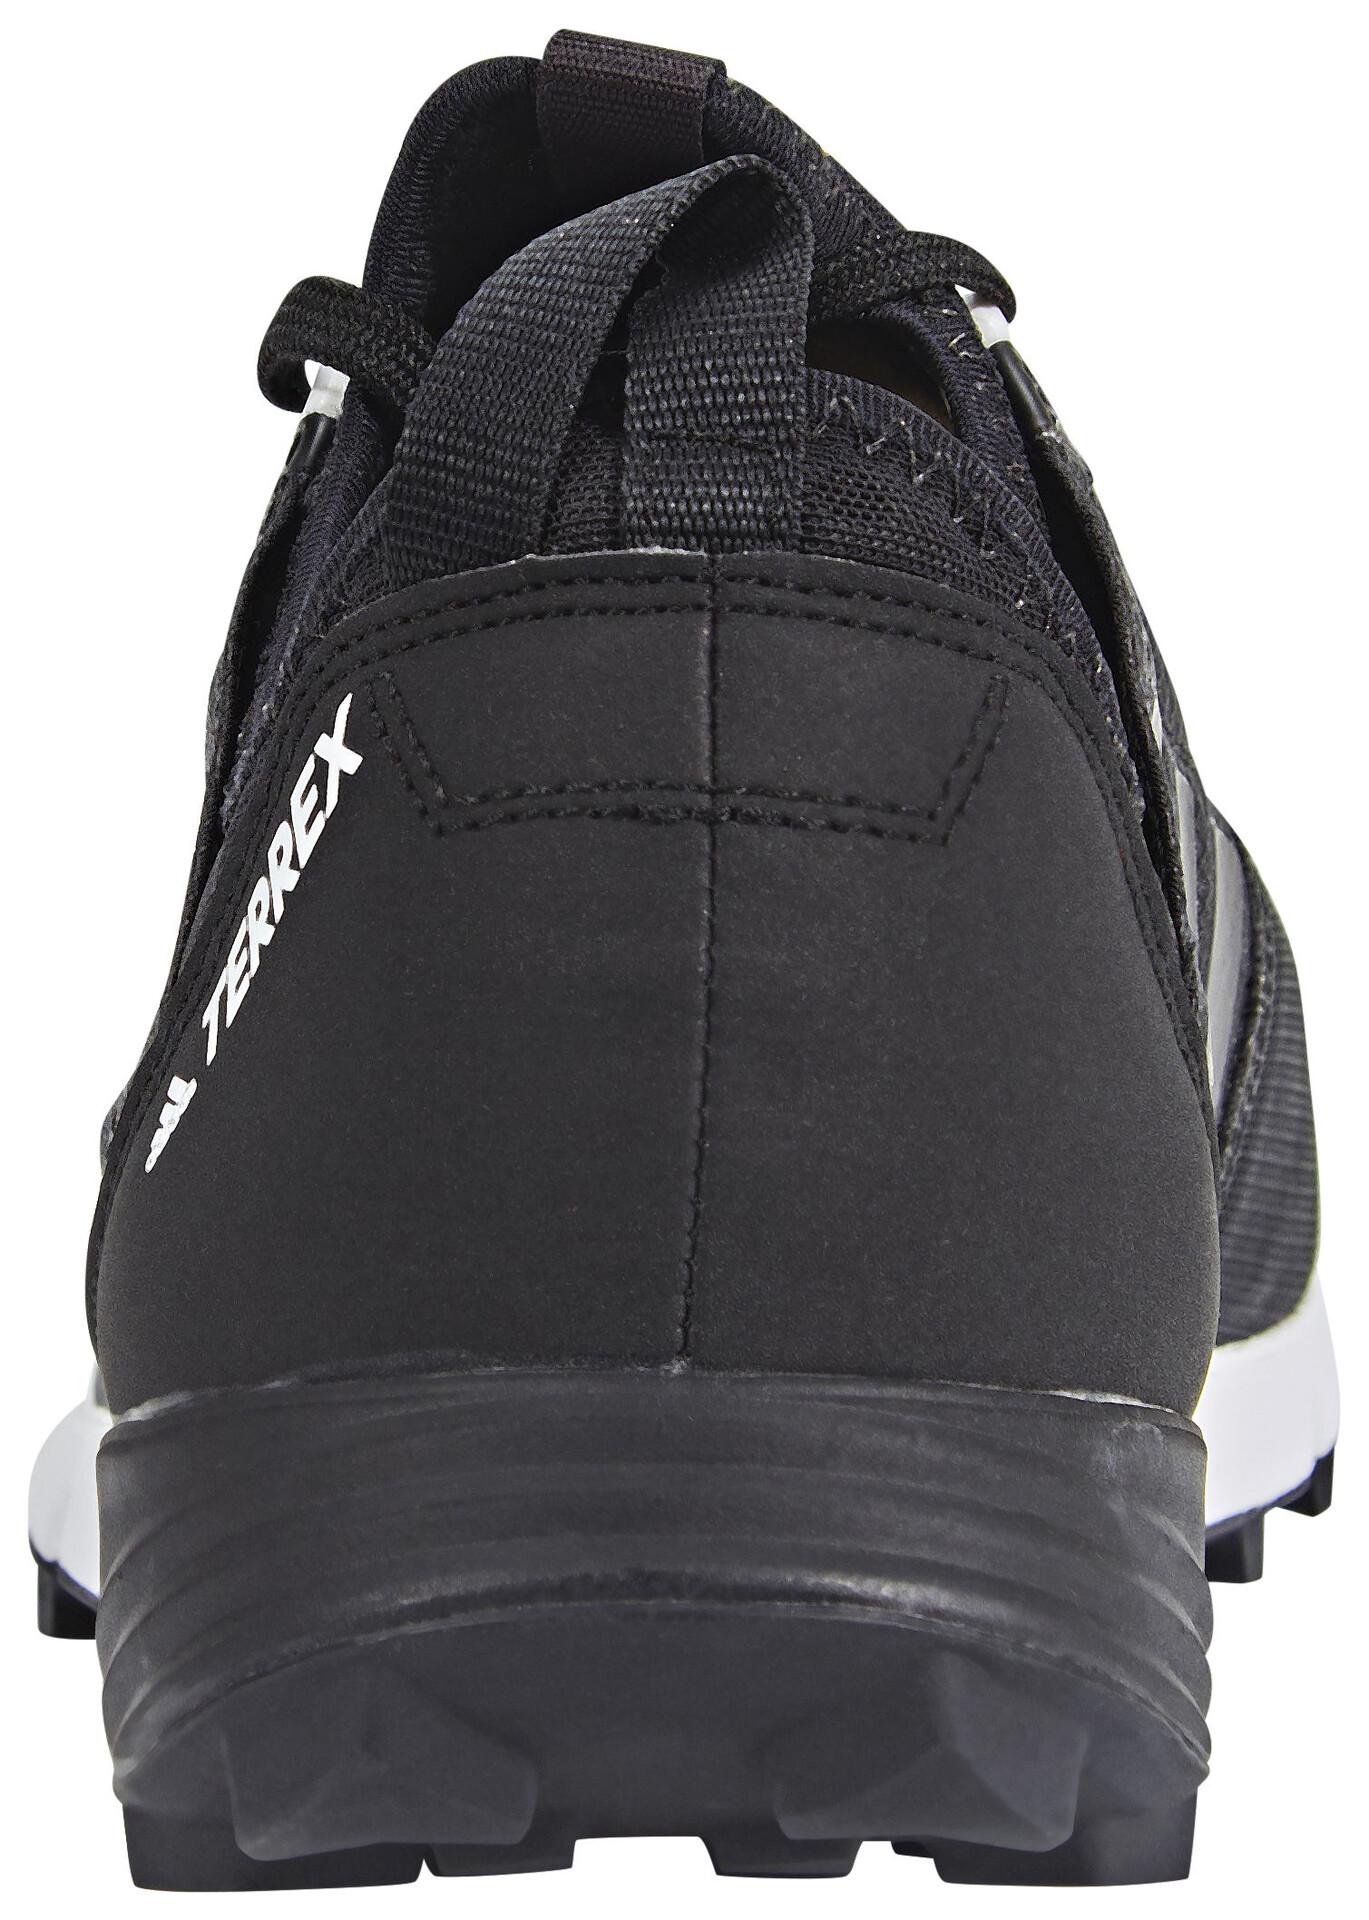 Chaussures Running Speed Noir Agravic Homme Sur Adidas Terrex xwOF7qv